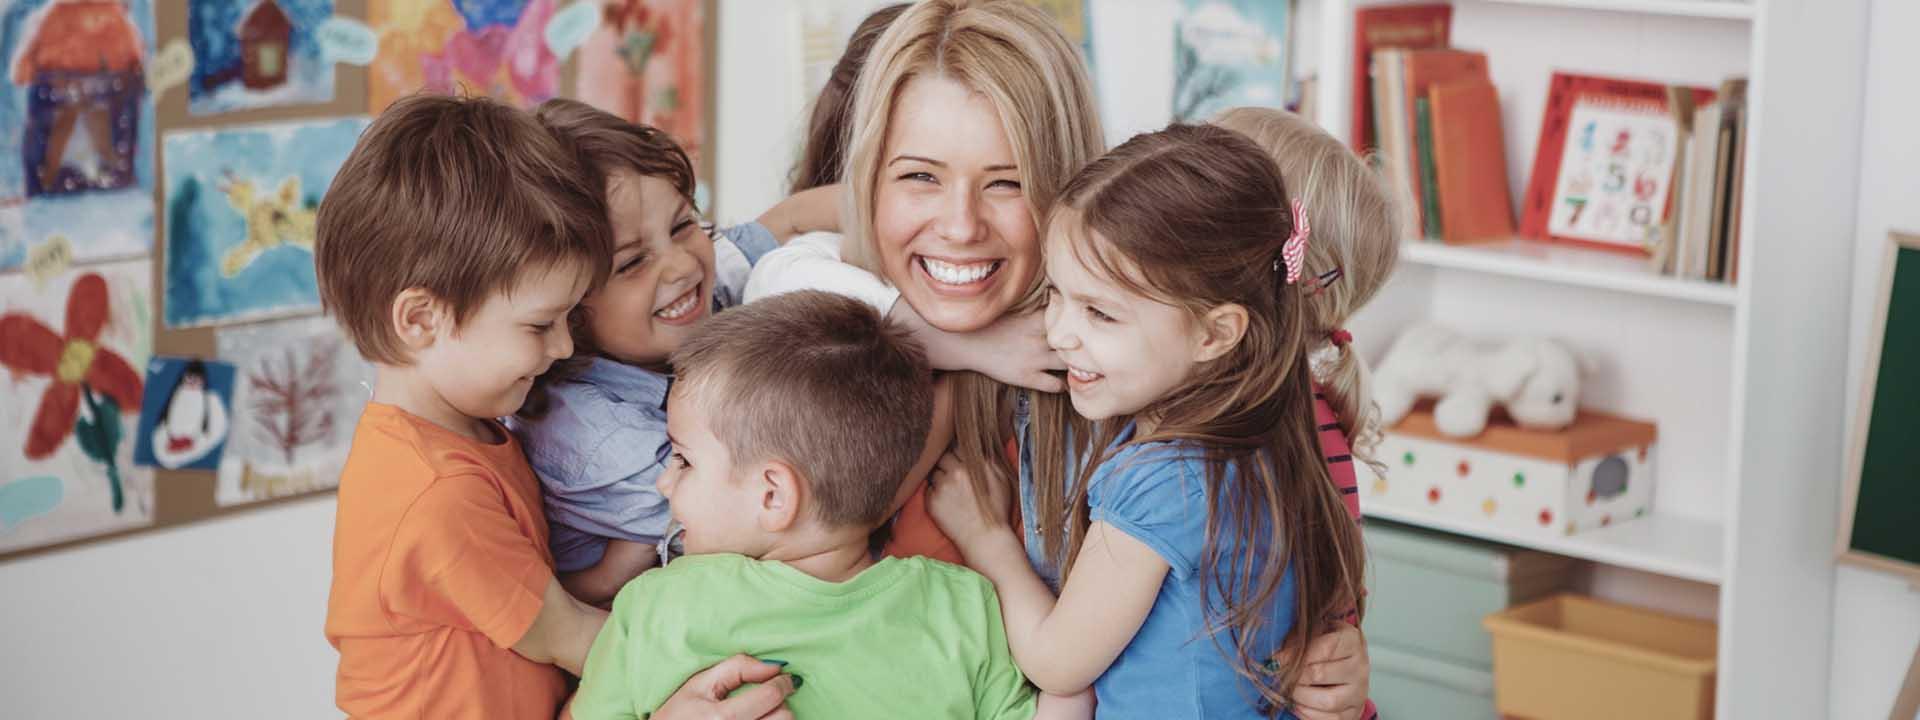 Tipps und Informationen für Erzieher von Schmetterlingskindern